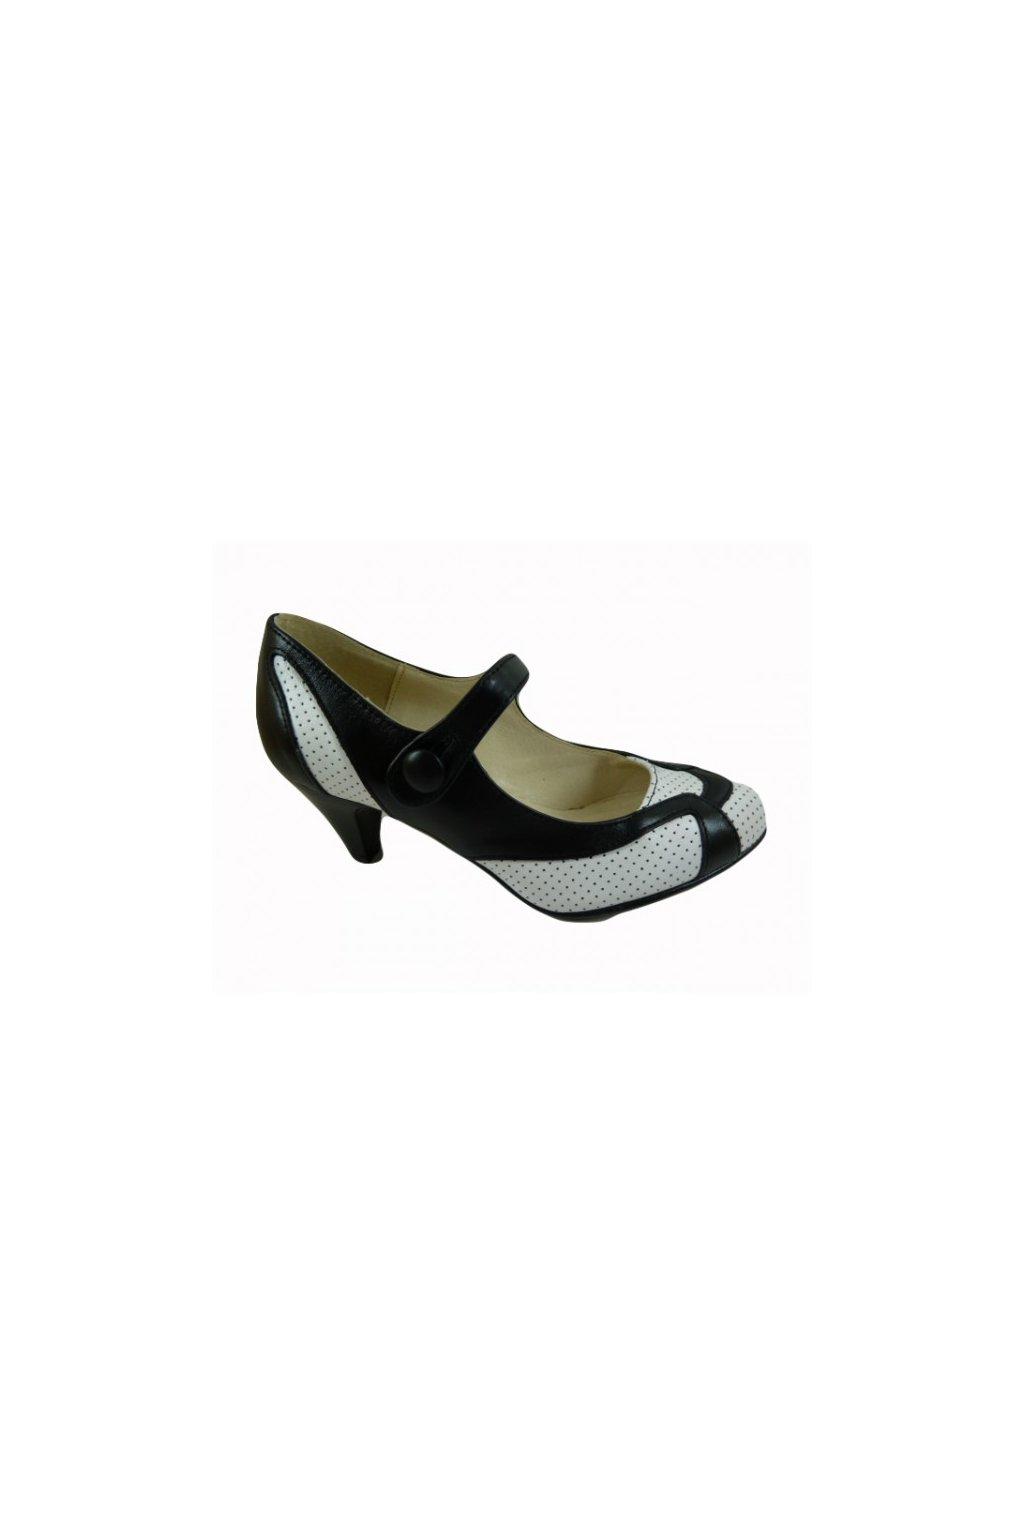 Podměrná dámská obuv Hujo C-201